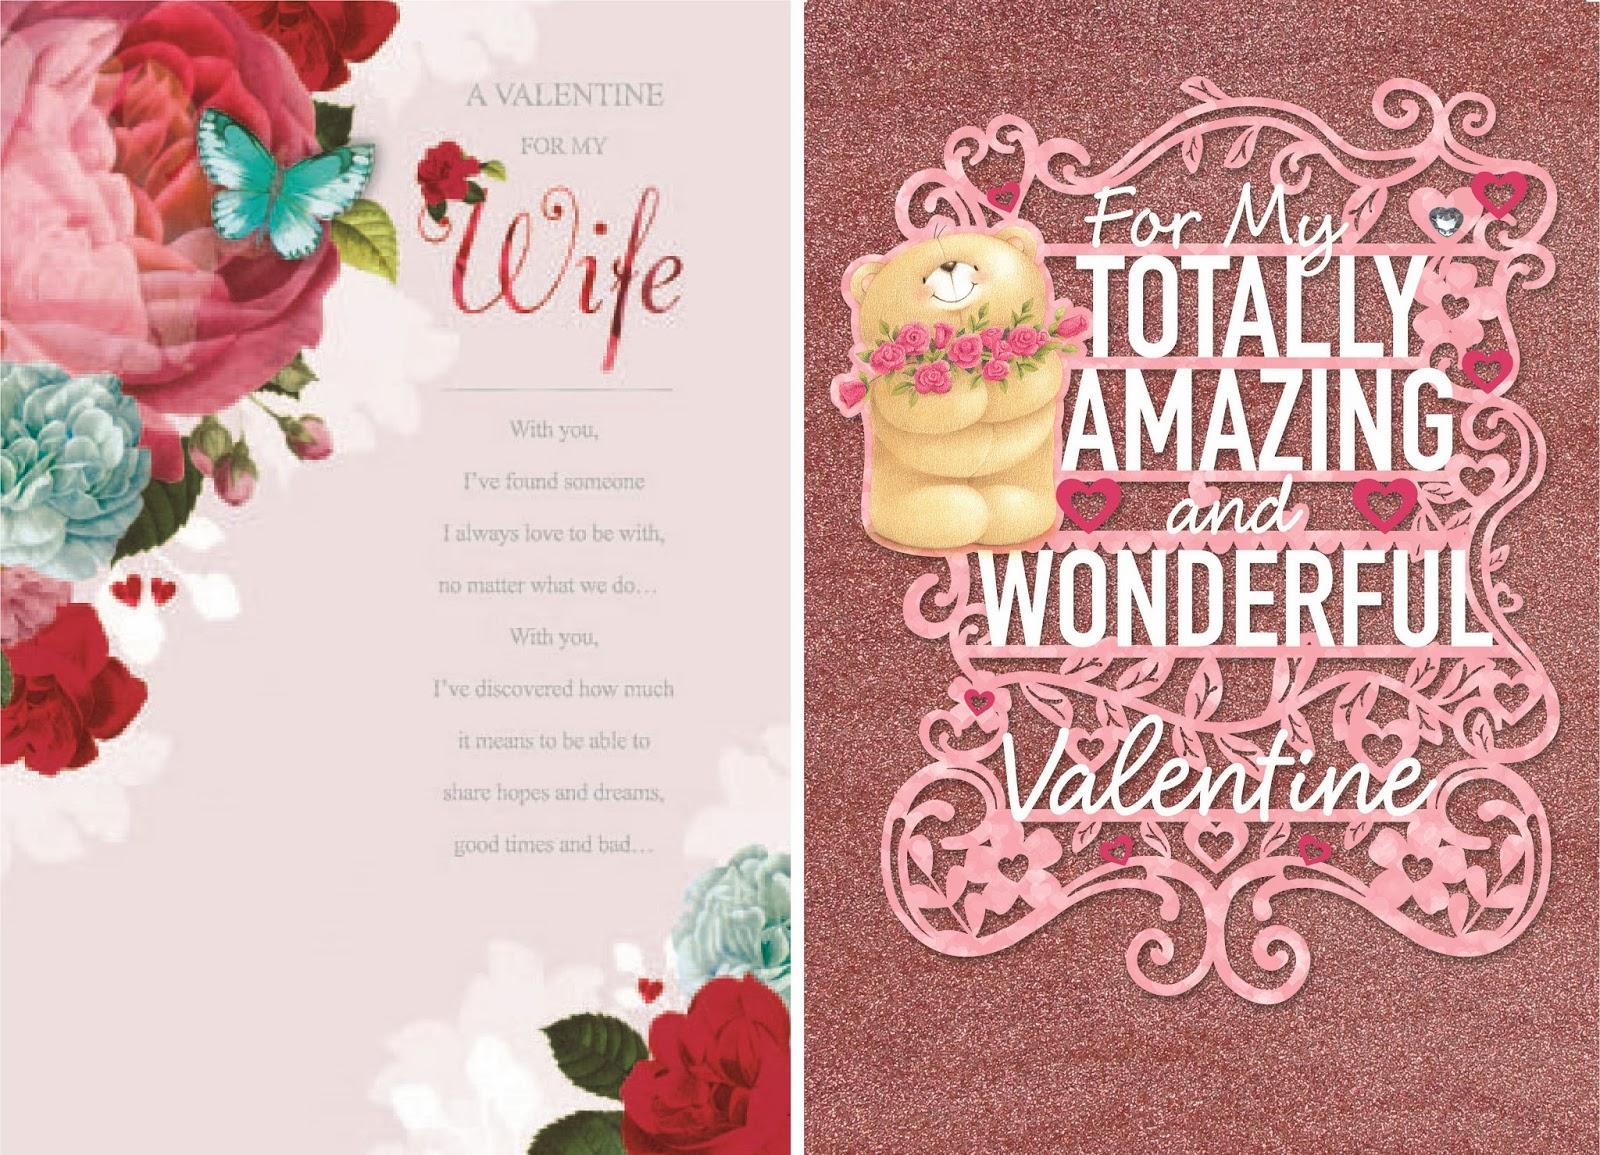 Valentine's Day gift, Valentine's Day card, Hallmark Valentine's Day